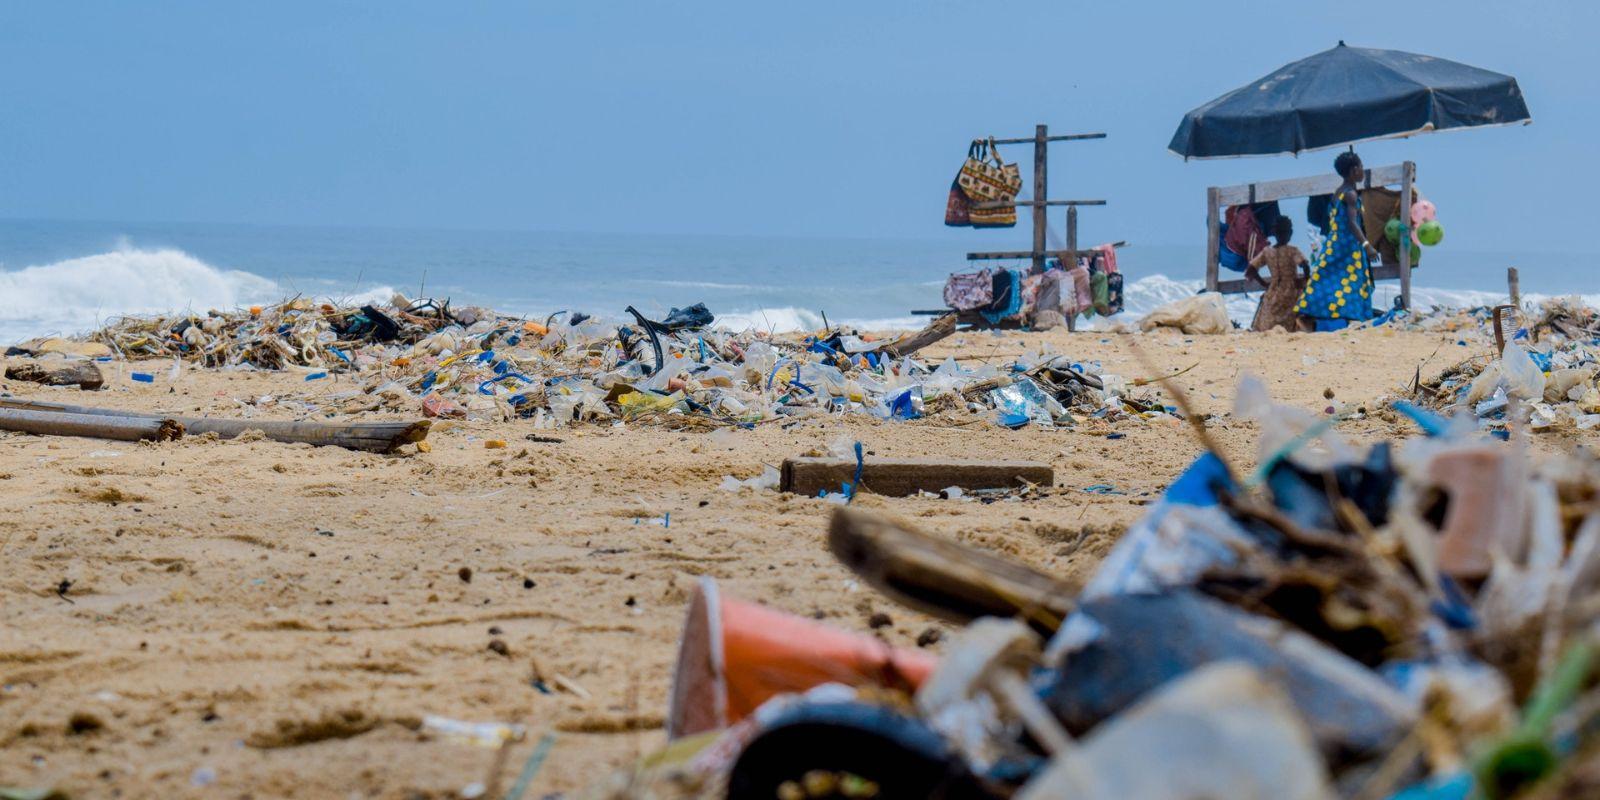 oceánok elsavasodása, környezetszennyetés, mint globális környezeti probléma, tengeri szemetelés